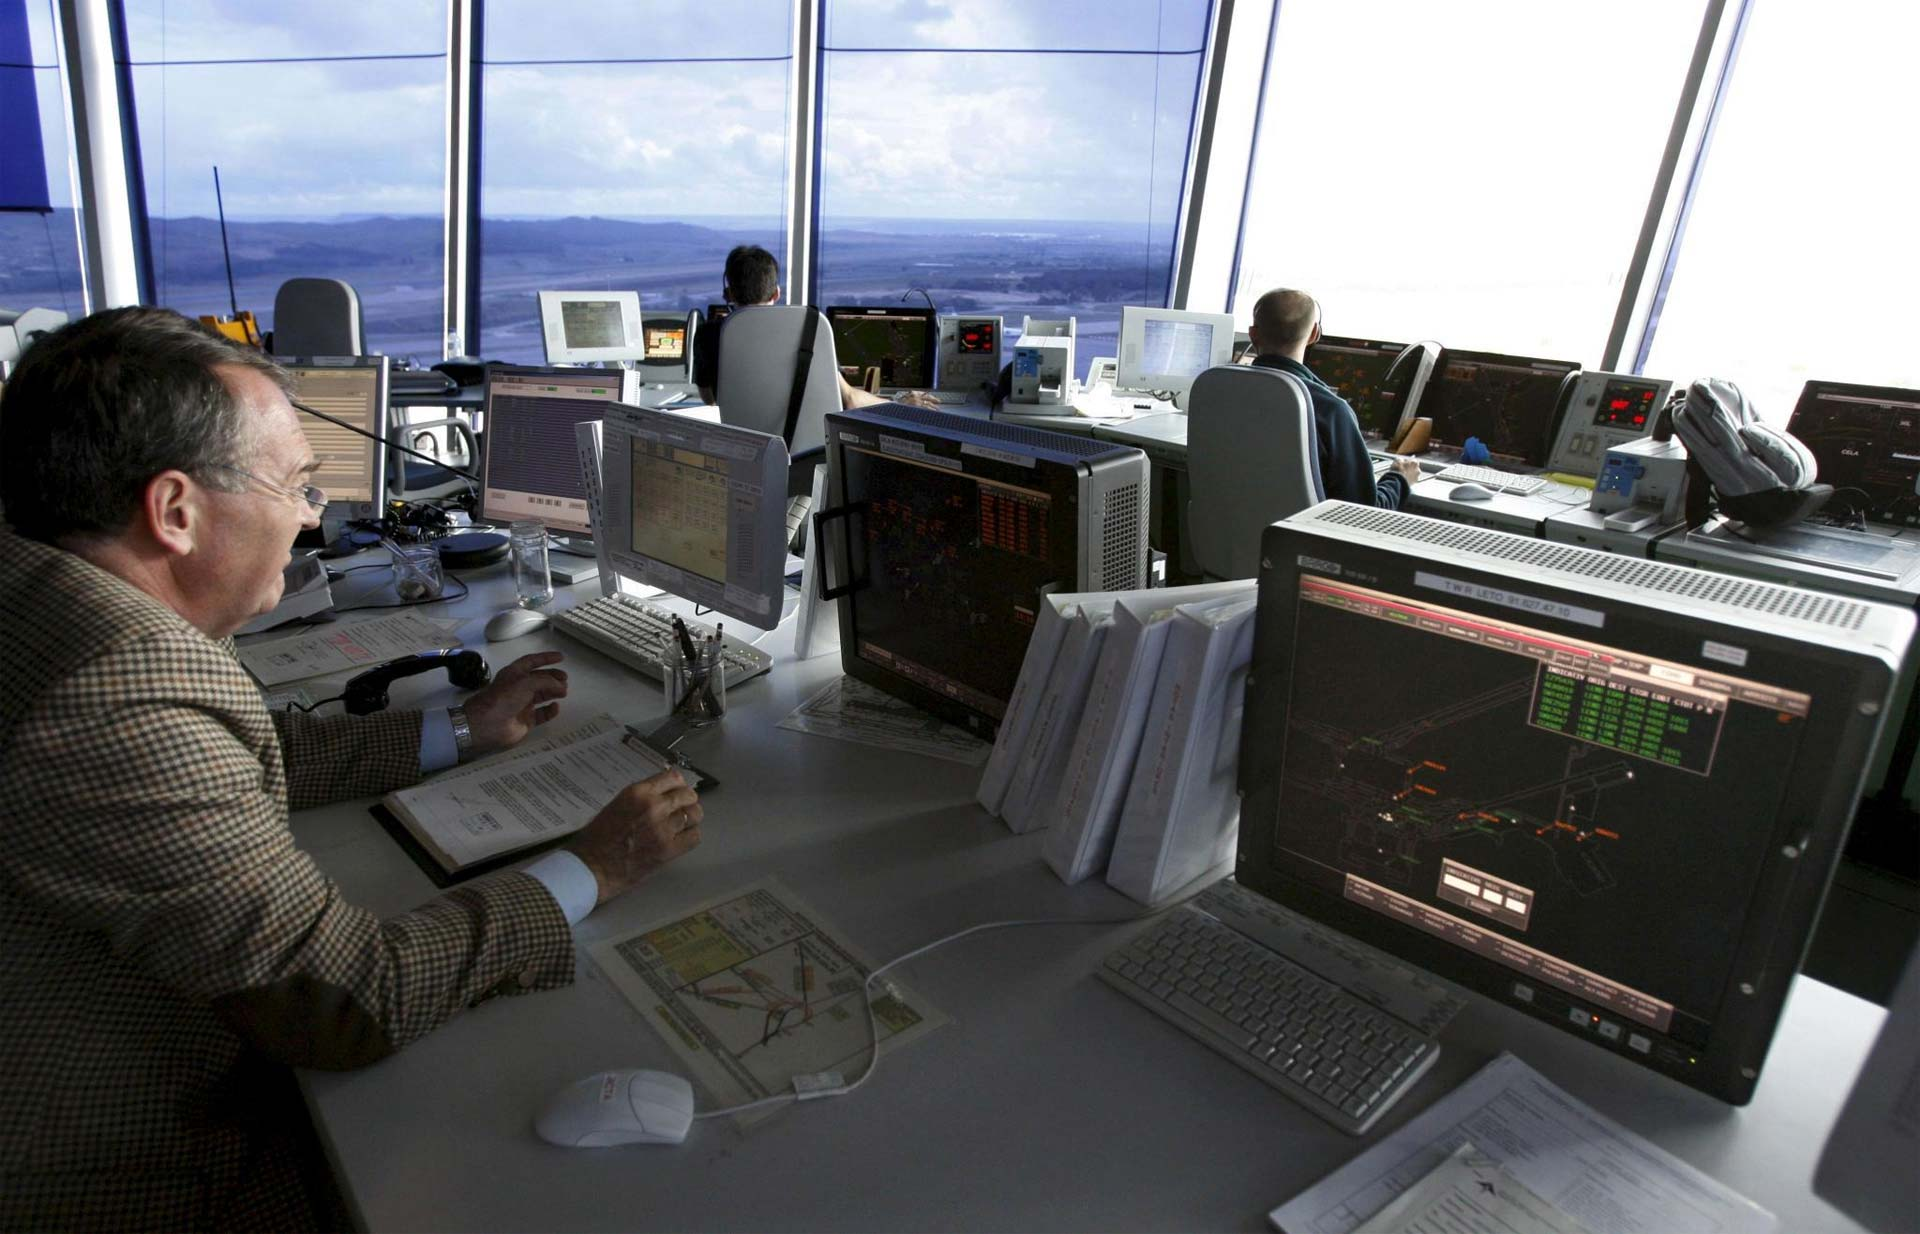 El proyecto ha desarrollado una tecnología que detecta el nivel de estrés en los operadores aéreos